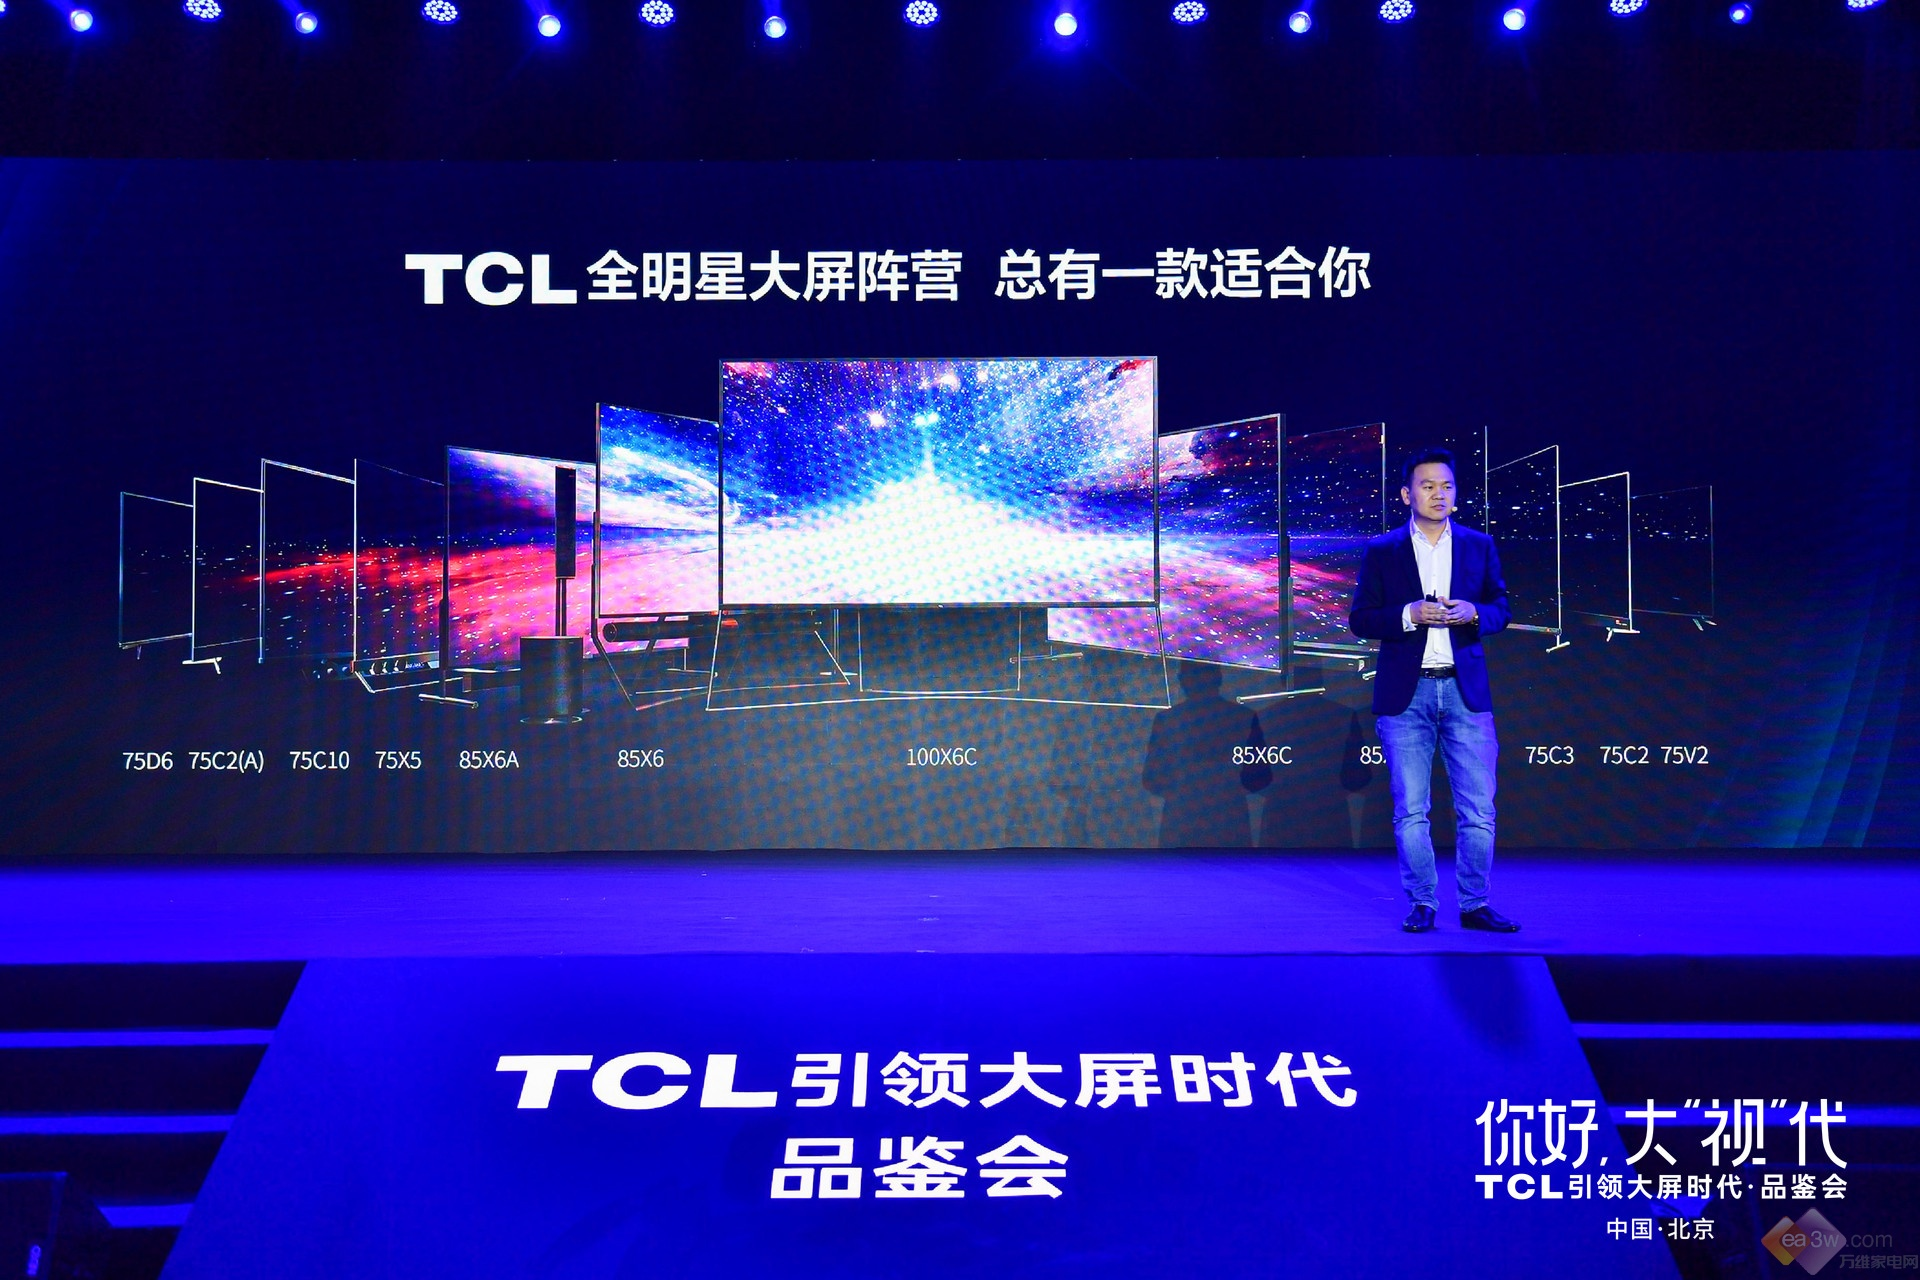 全球首款消费级8K电视19999震撼问世,TCL全力推动8K普及